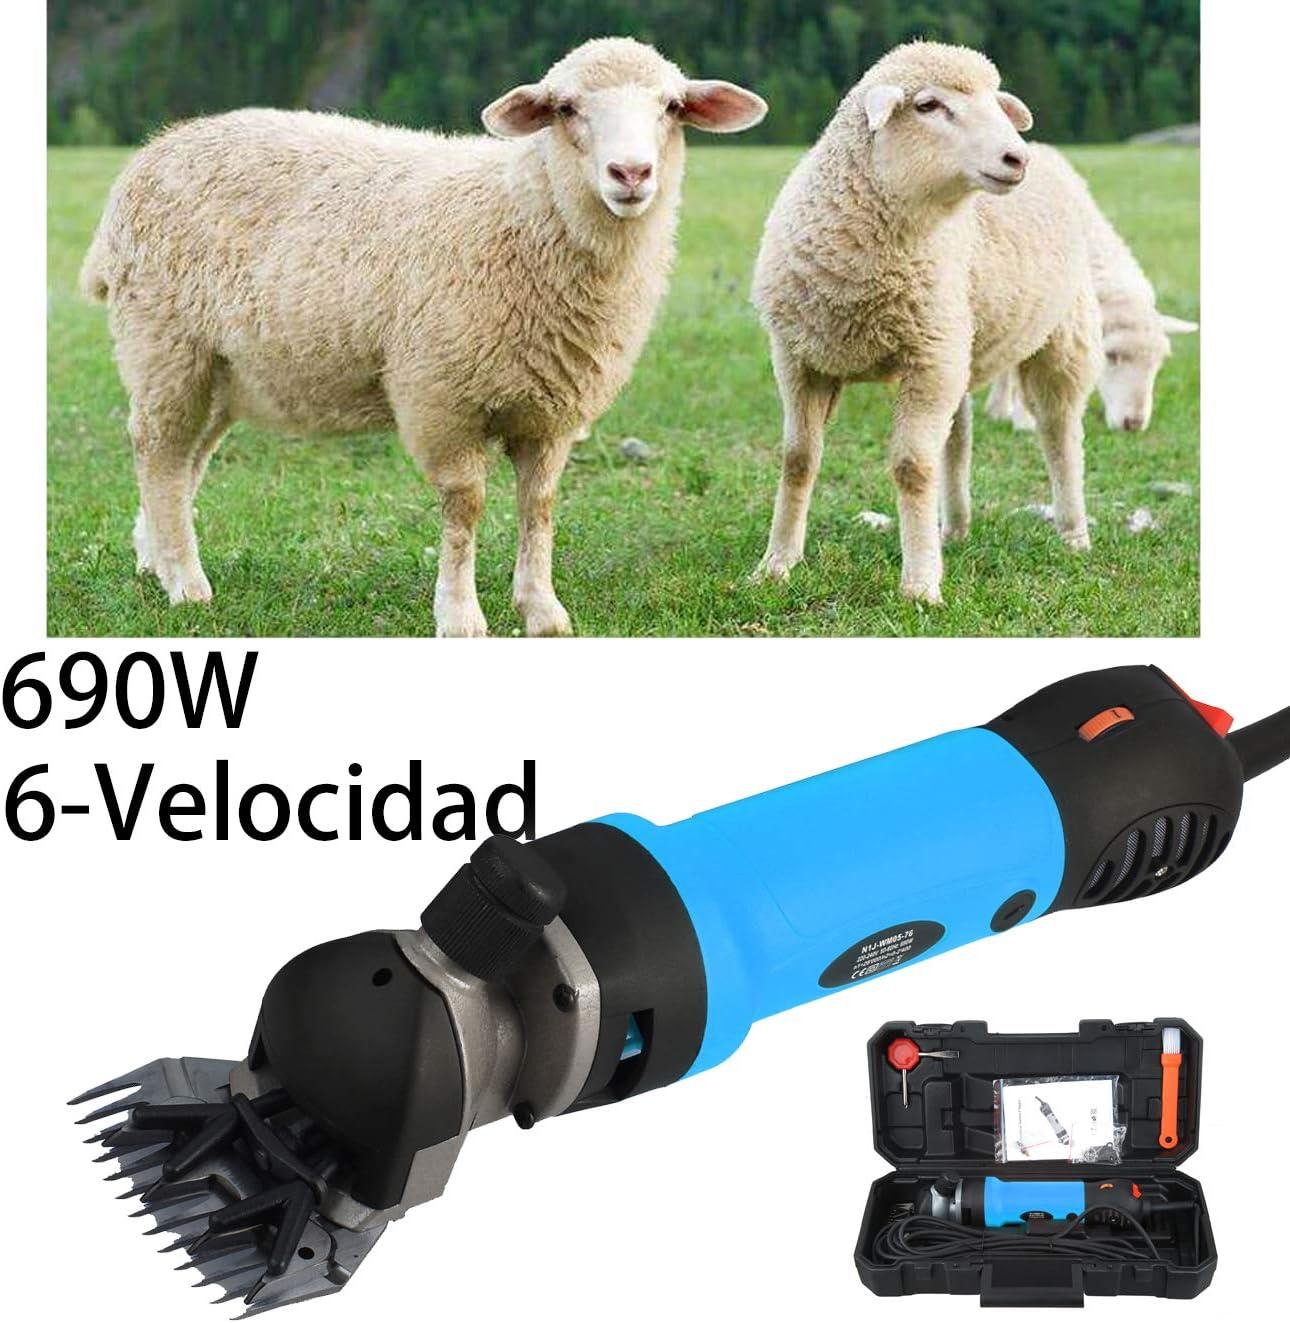 Vinteky 690W Un Set Completo para Esquiladora Eléctrica para Ovejas Fácil y Práctico para Trasquilar Alto Rendimiento, Dando Cuidado a los Animales, 6 Velocidades Ajustables (Azul)